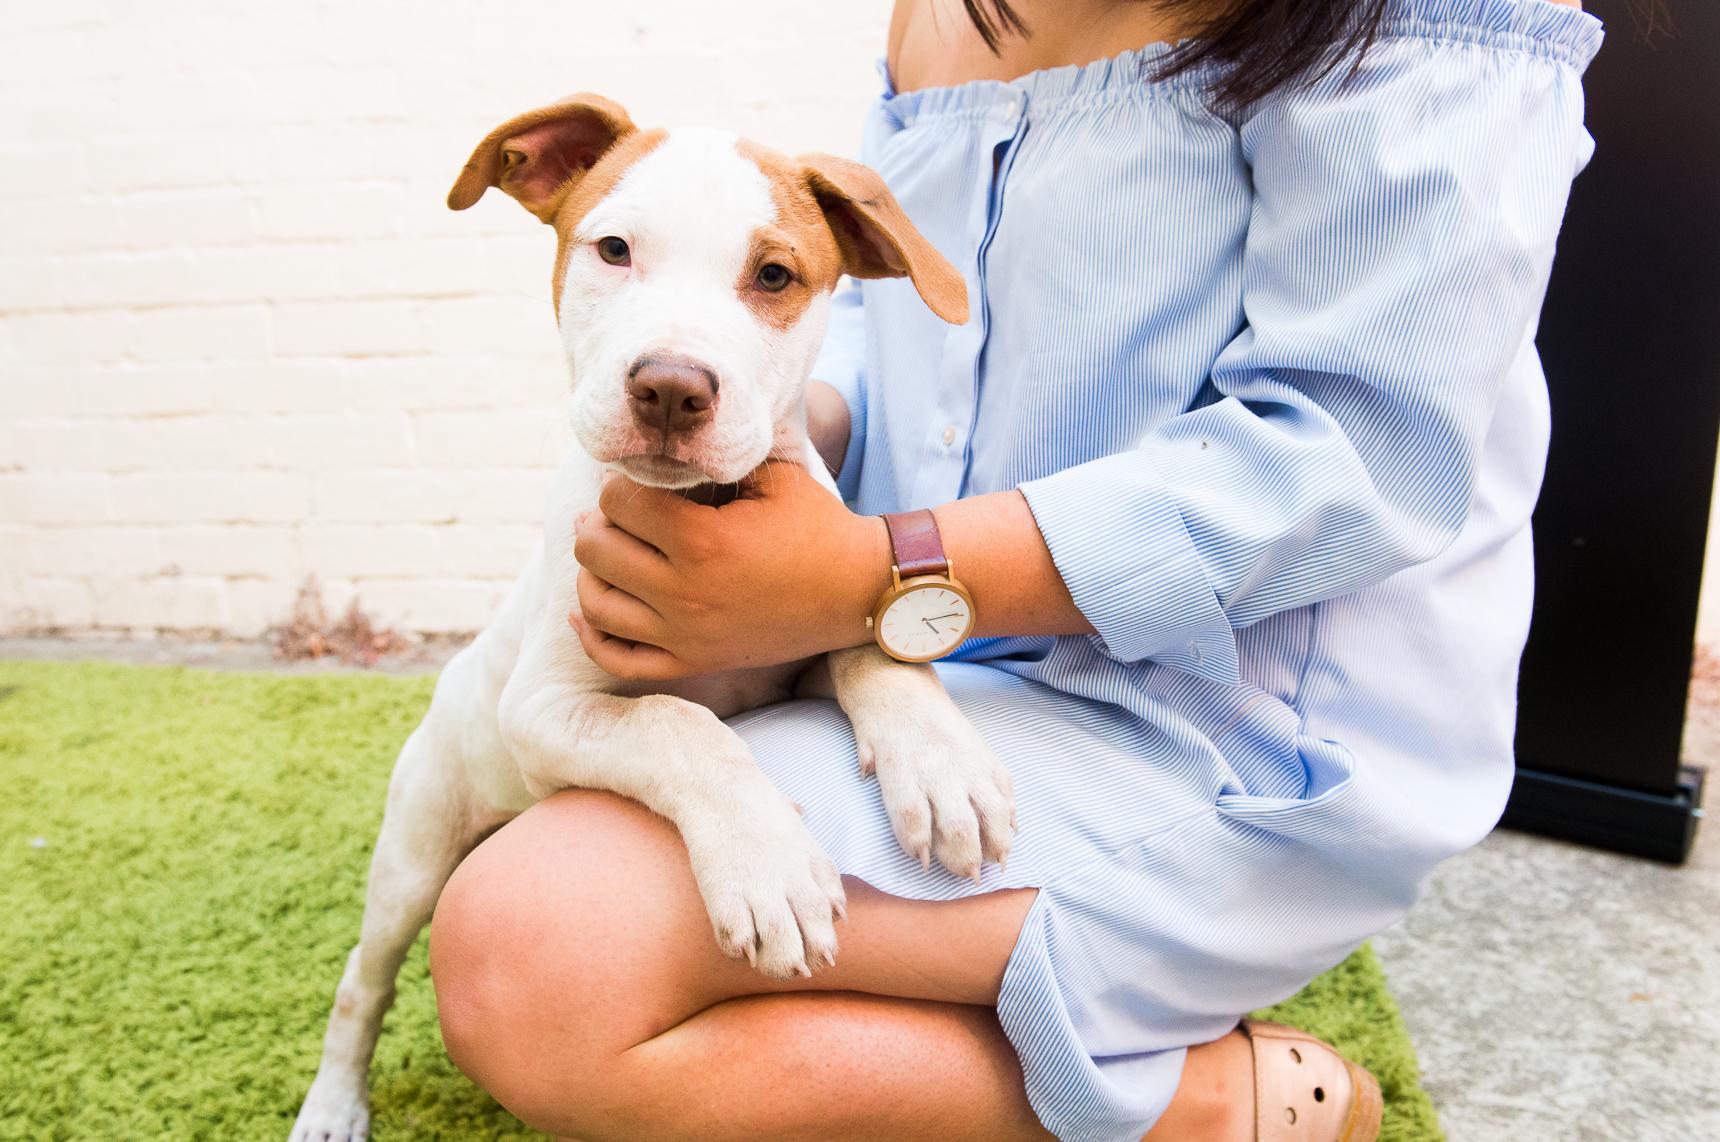 6 enfermedades más comunes en perros y cómo prevenirlas